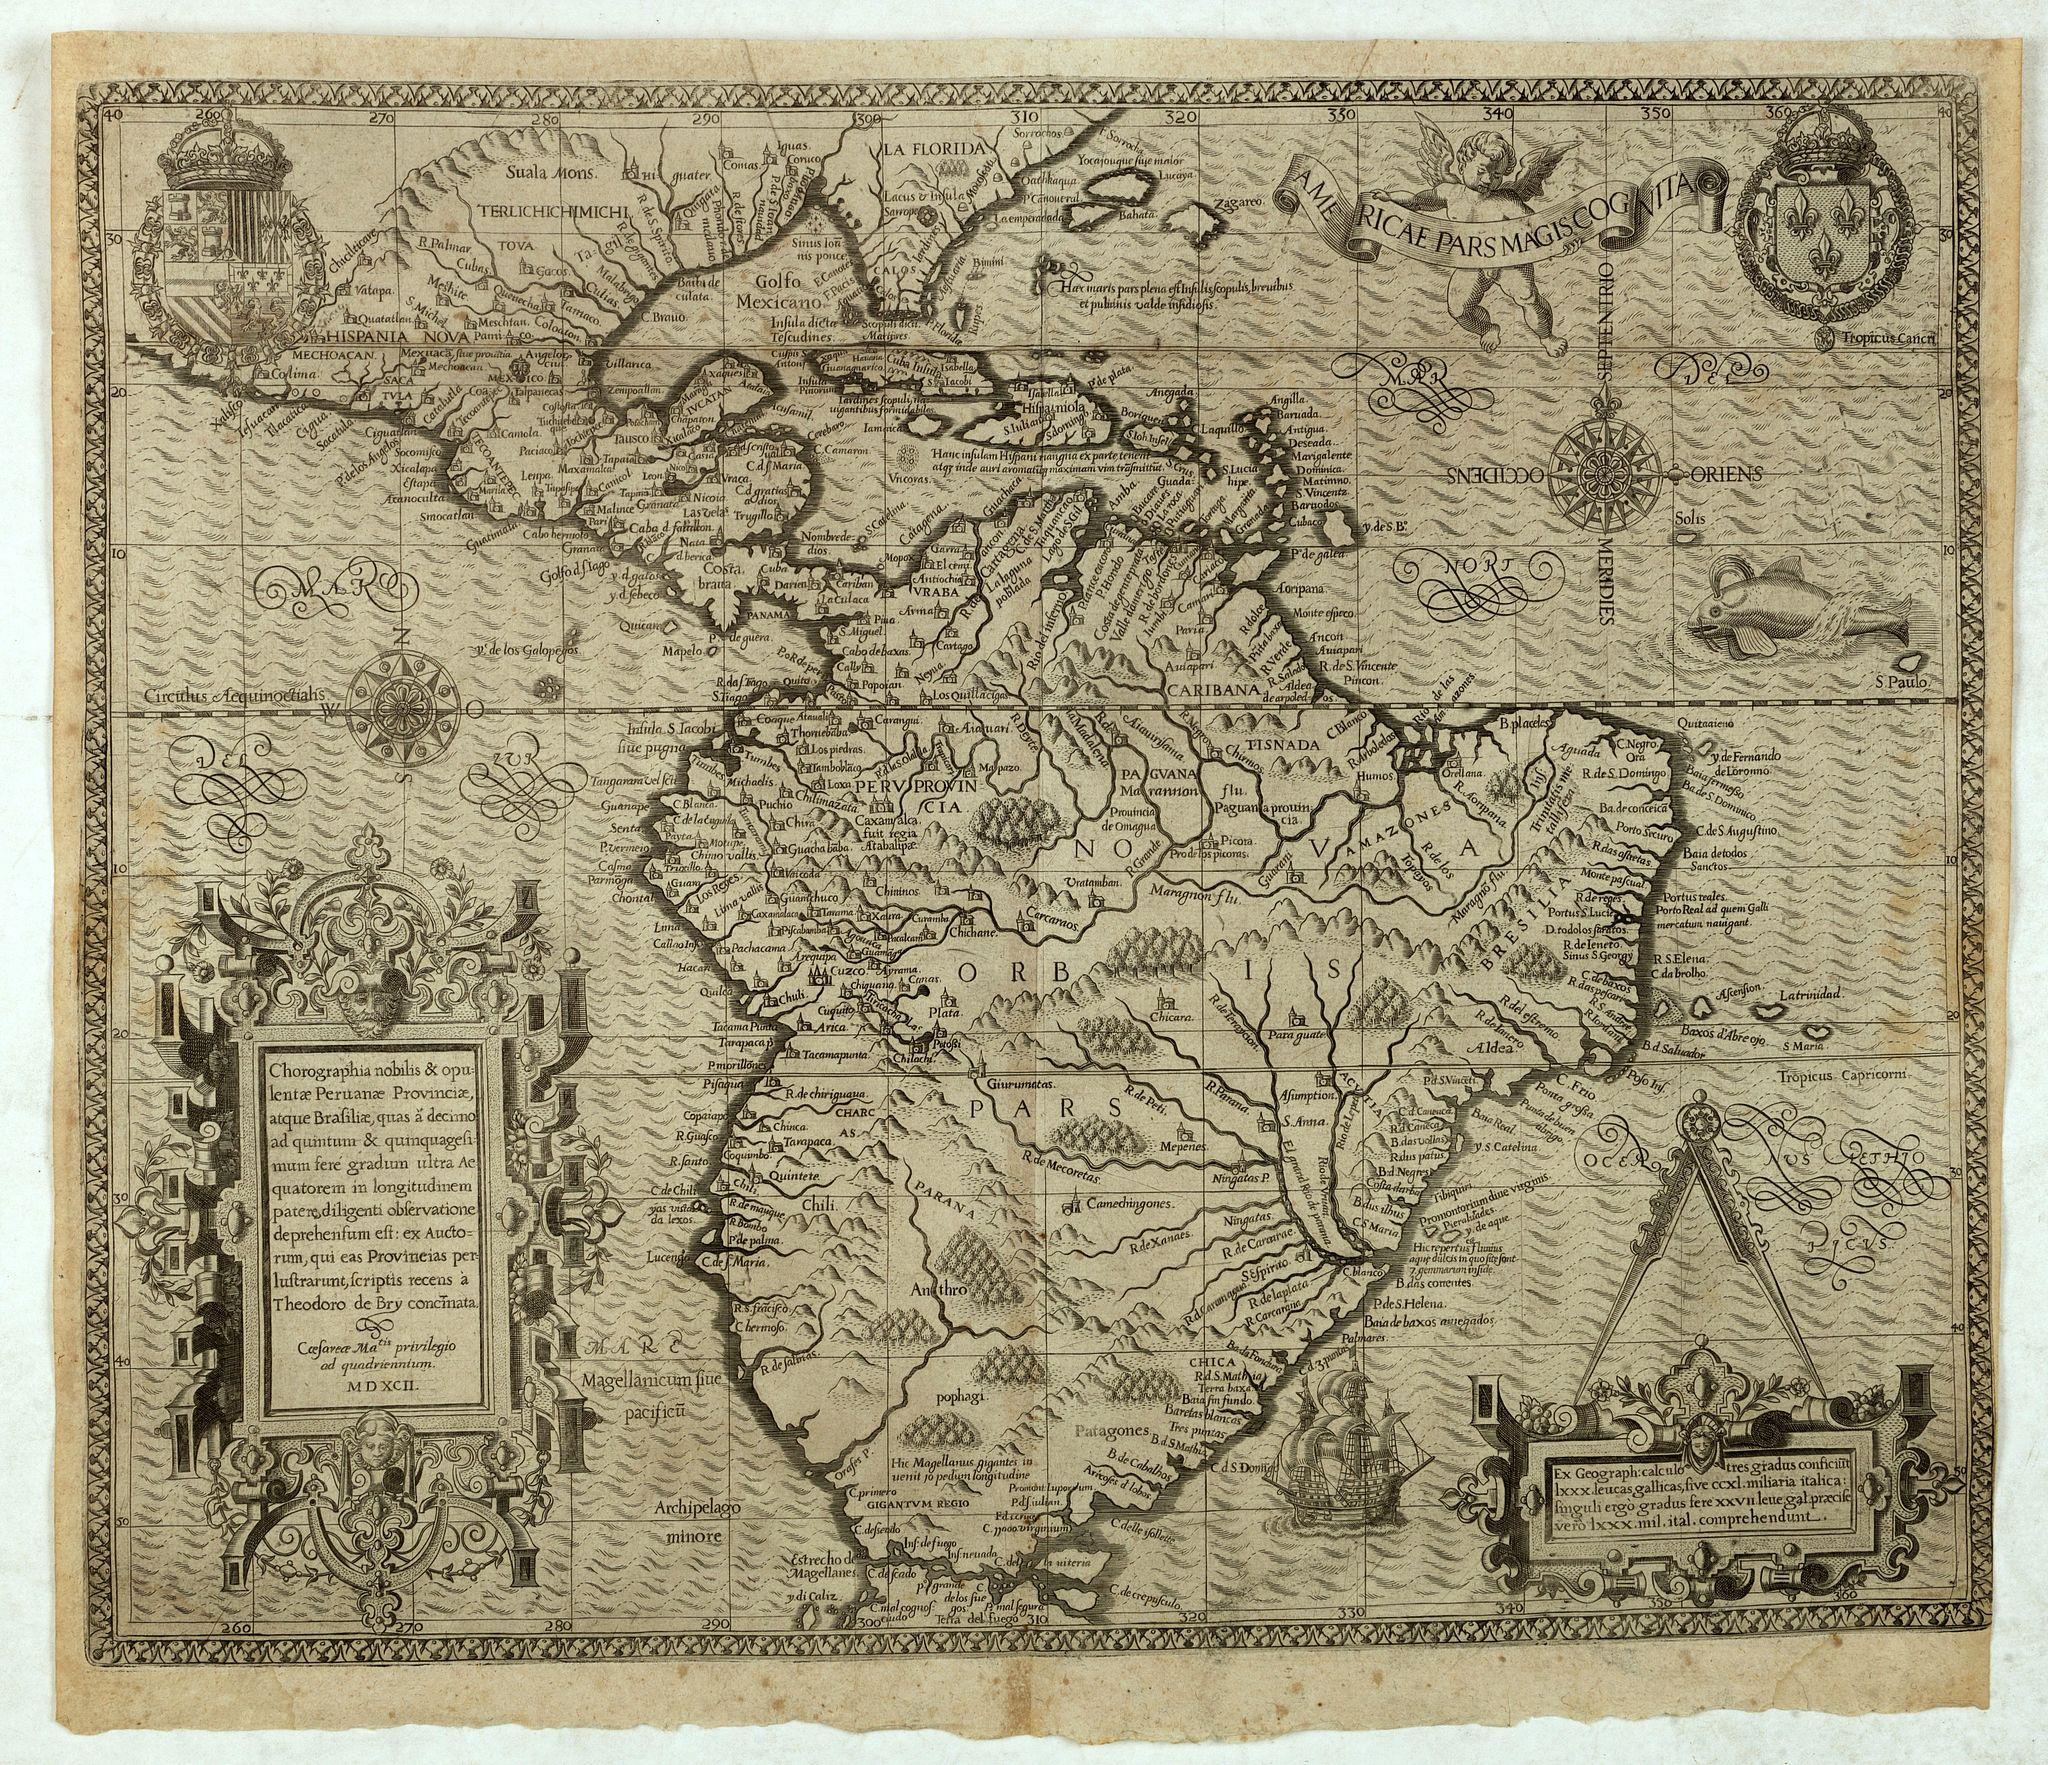 DE BRY, Th. -  Americae Pars Magis Cognita. Chorographia nobilis & opulentae Peruanae Provinciae, atque Brasiliae, . . . MDXCII